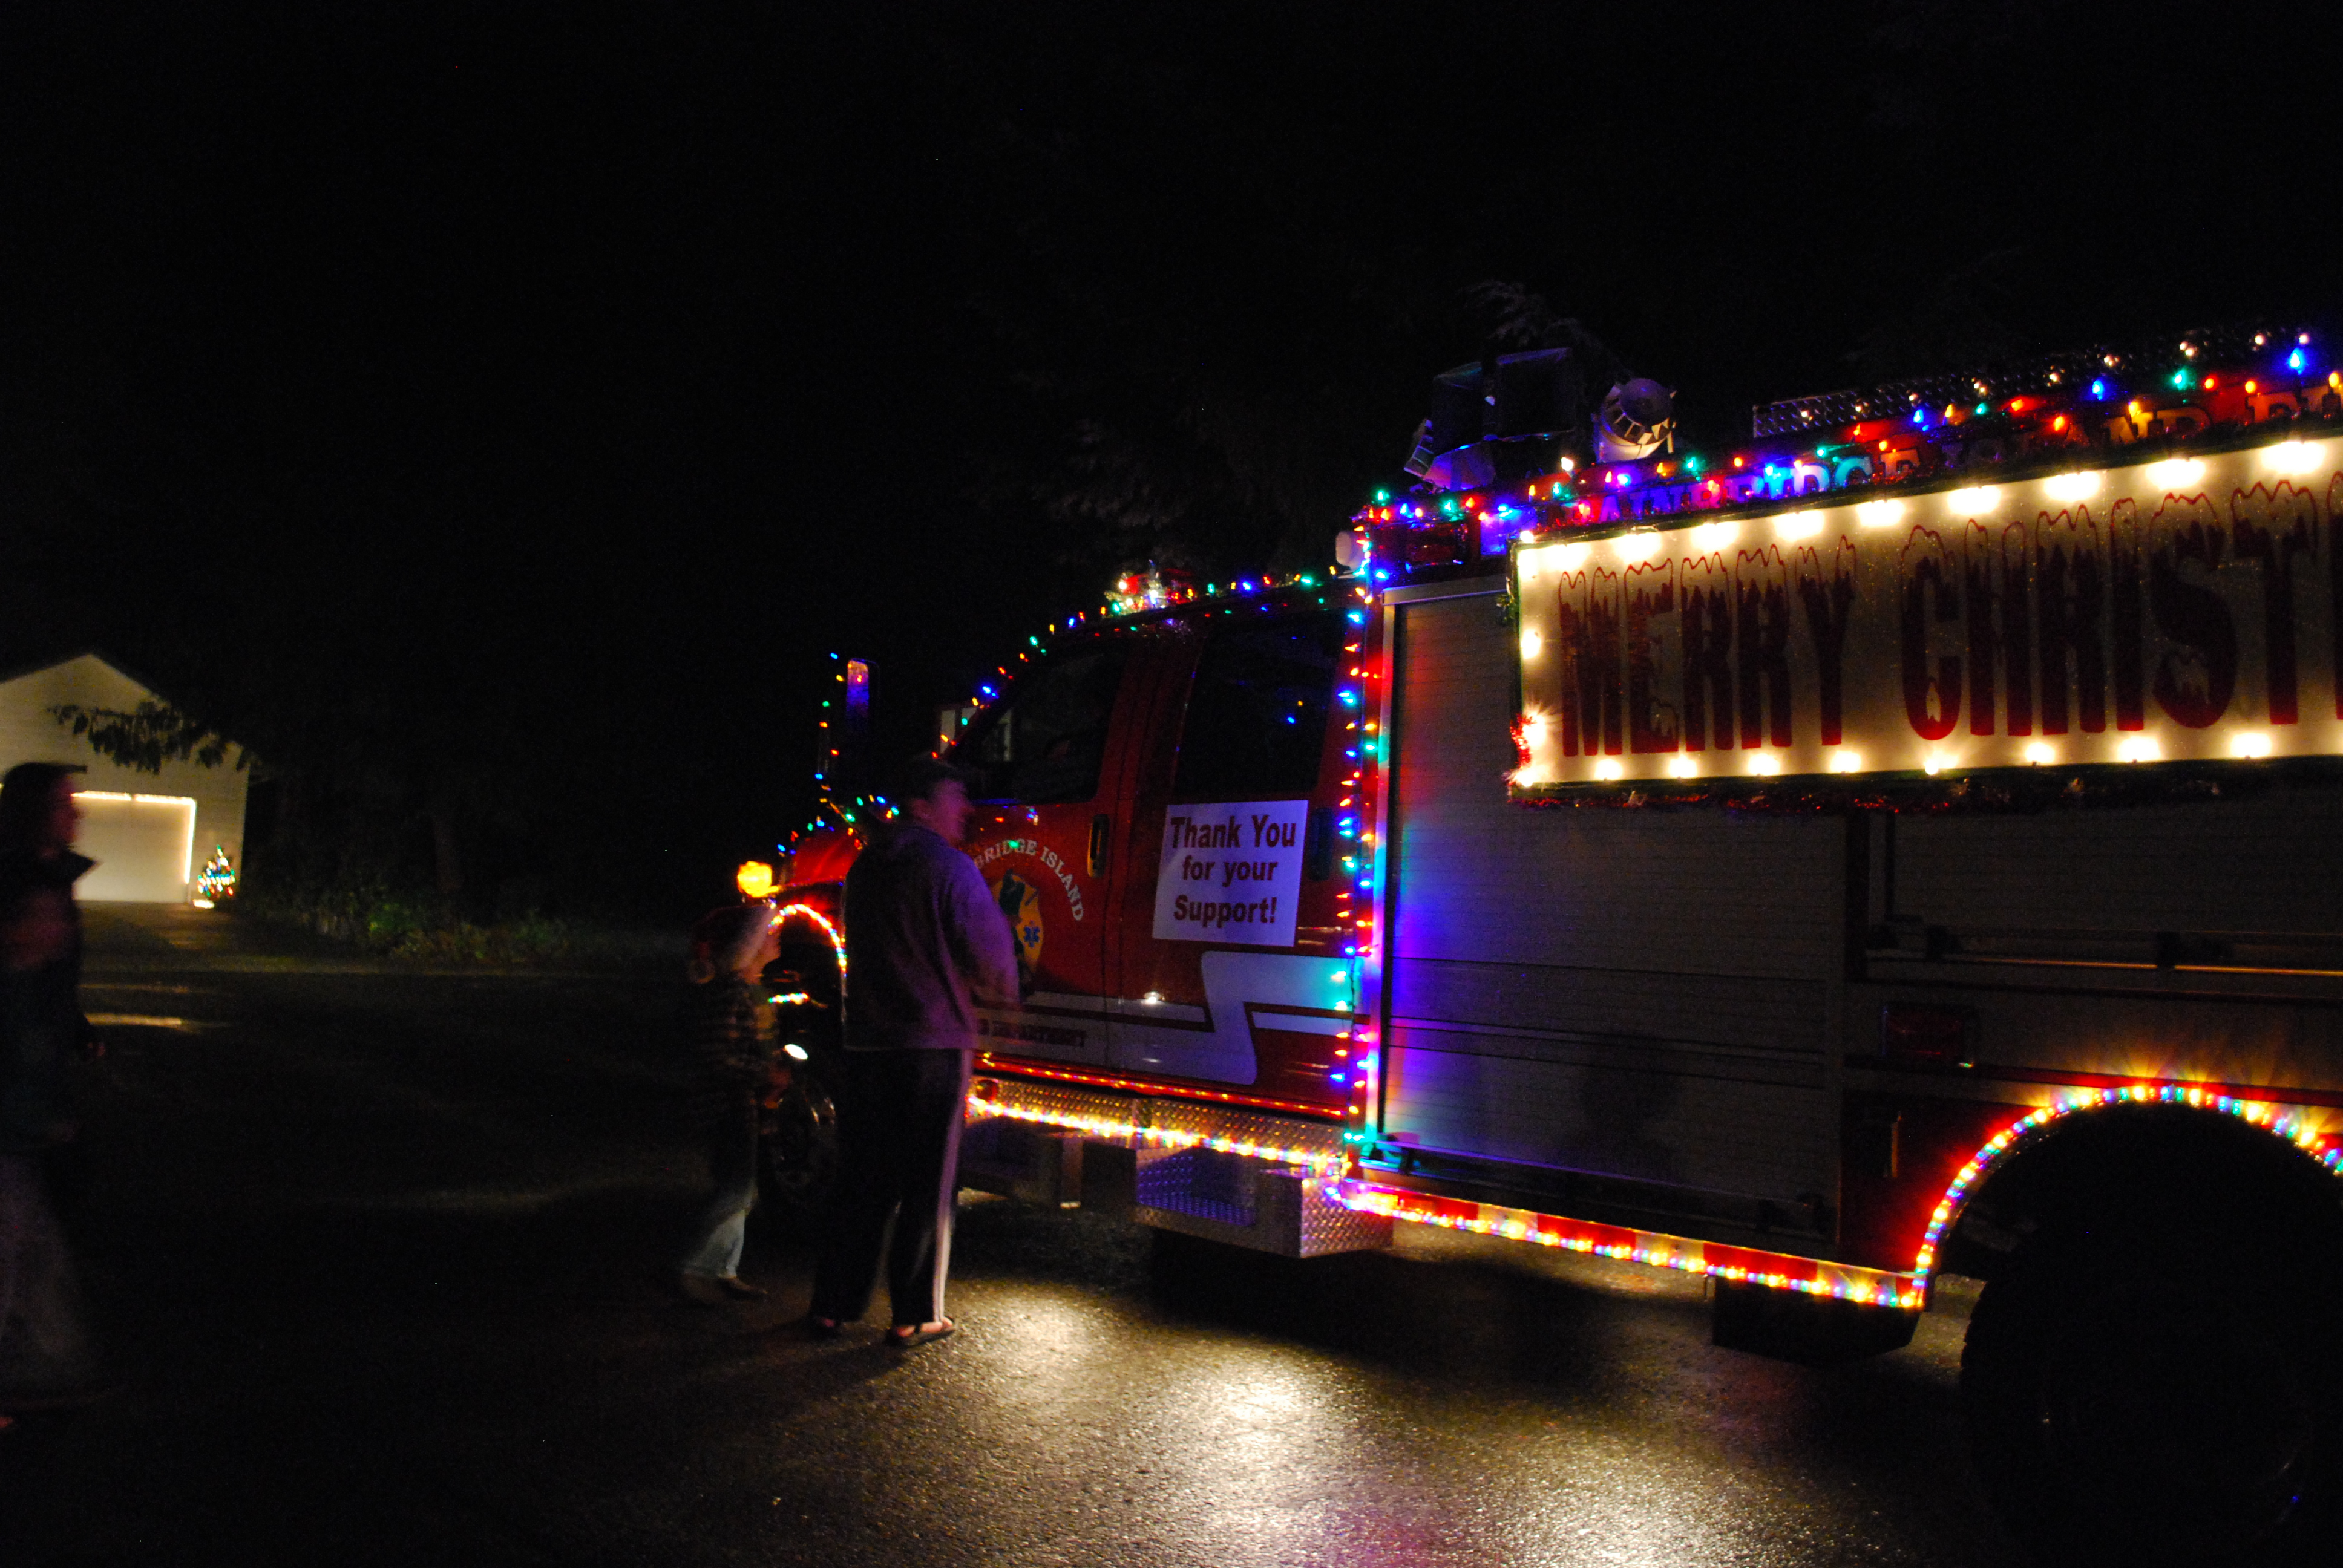 The Bainbridge Island Musical Fire Truck